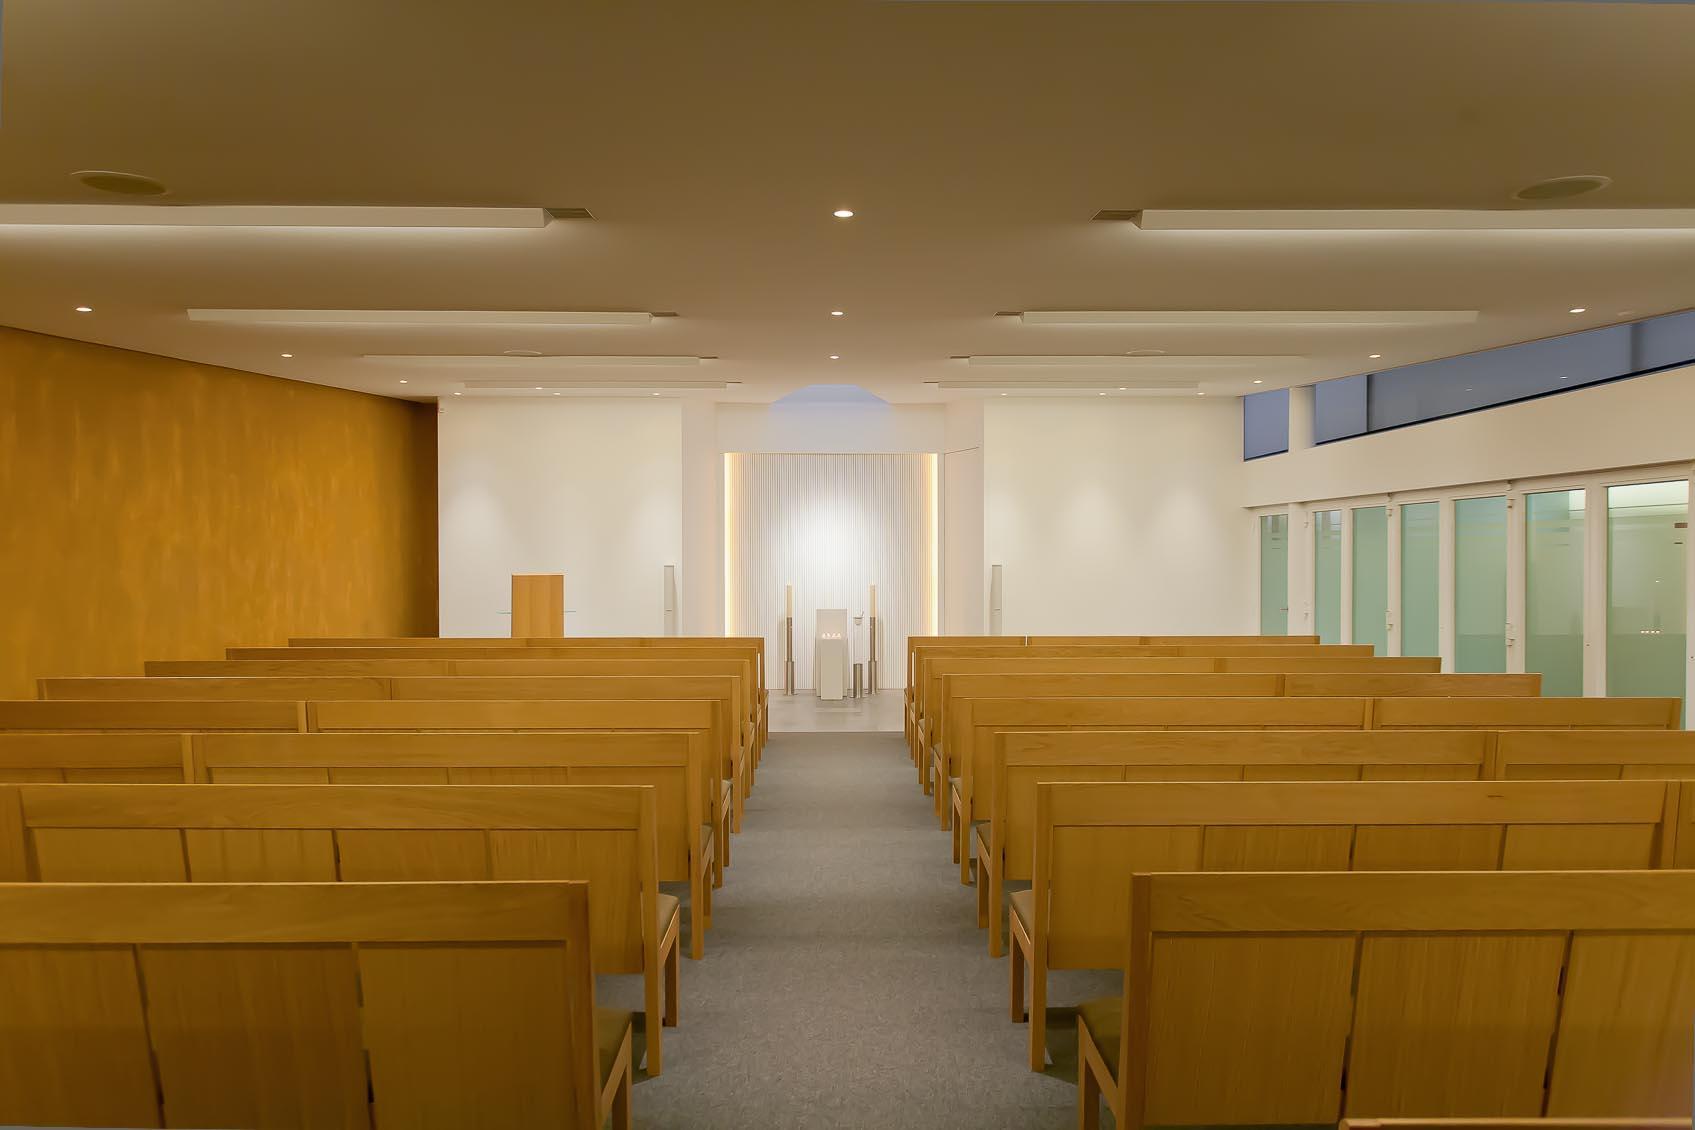 Bij het concept voor de verlichting van het funerarium te Geel licht nadruk op ruimtelijkheid, warme sfeer en geborgenheid